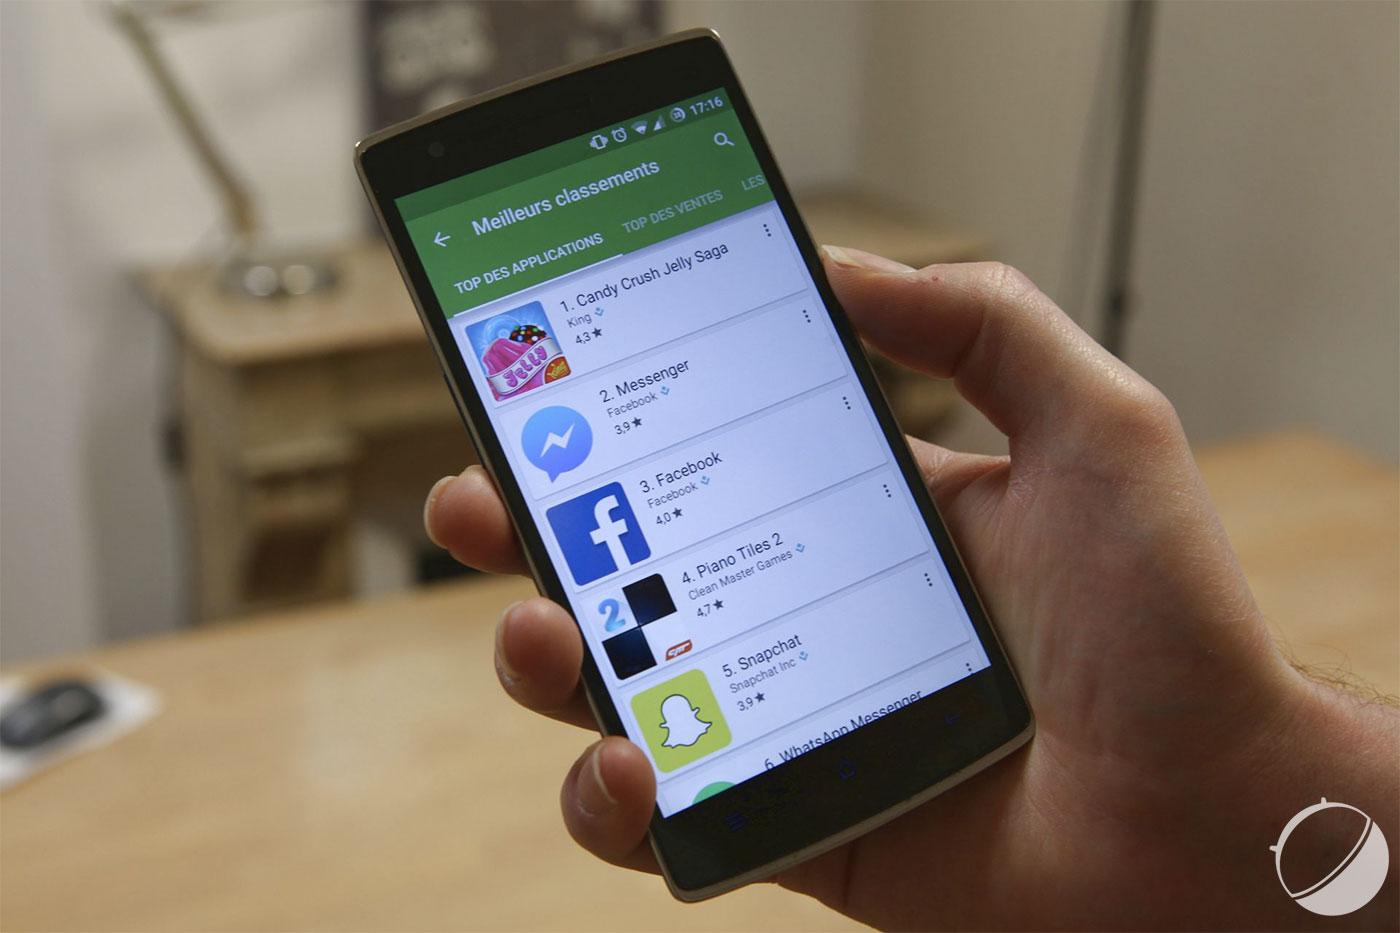 La police américaine veut bloquer les applications chiffrées sur les stores mobiles